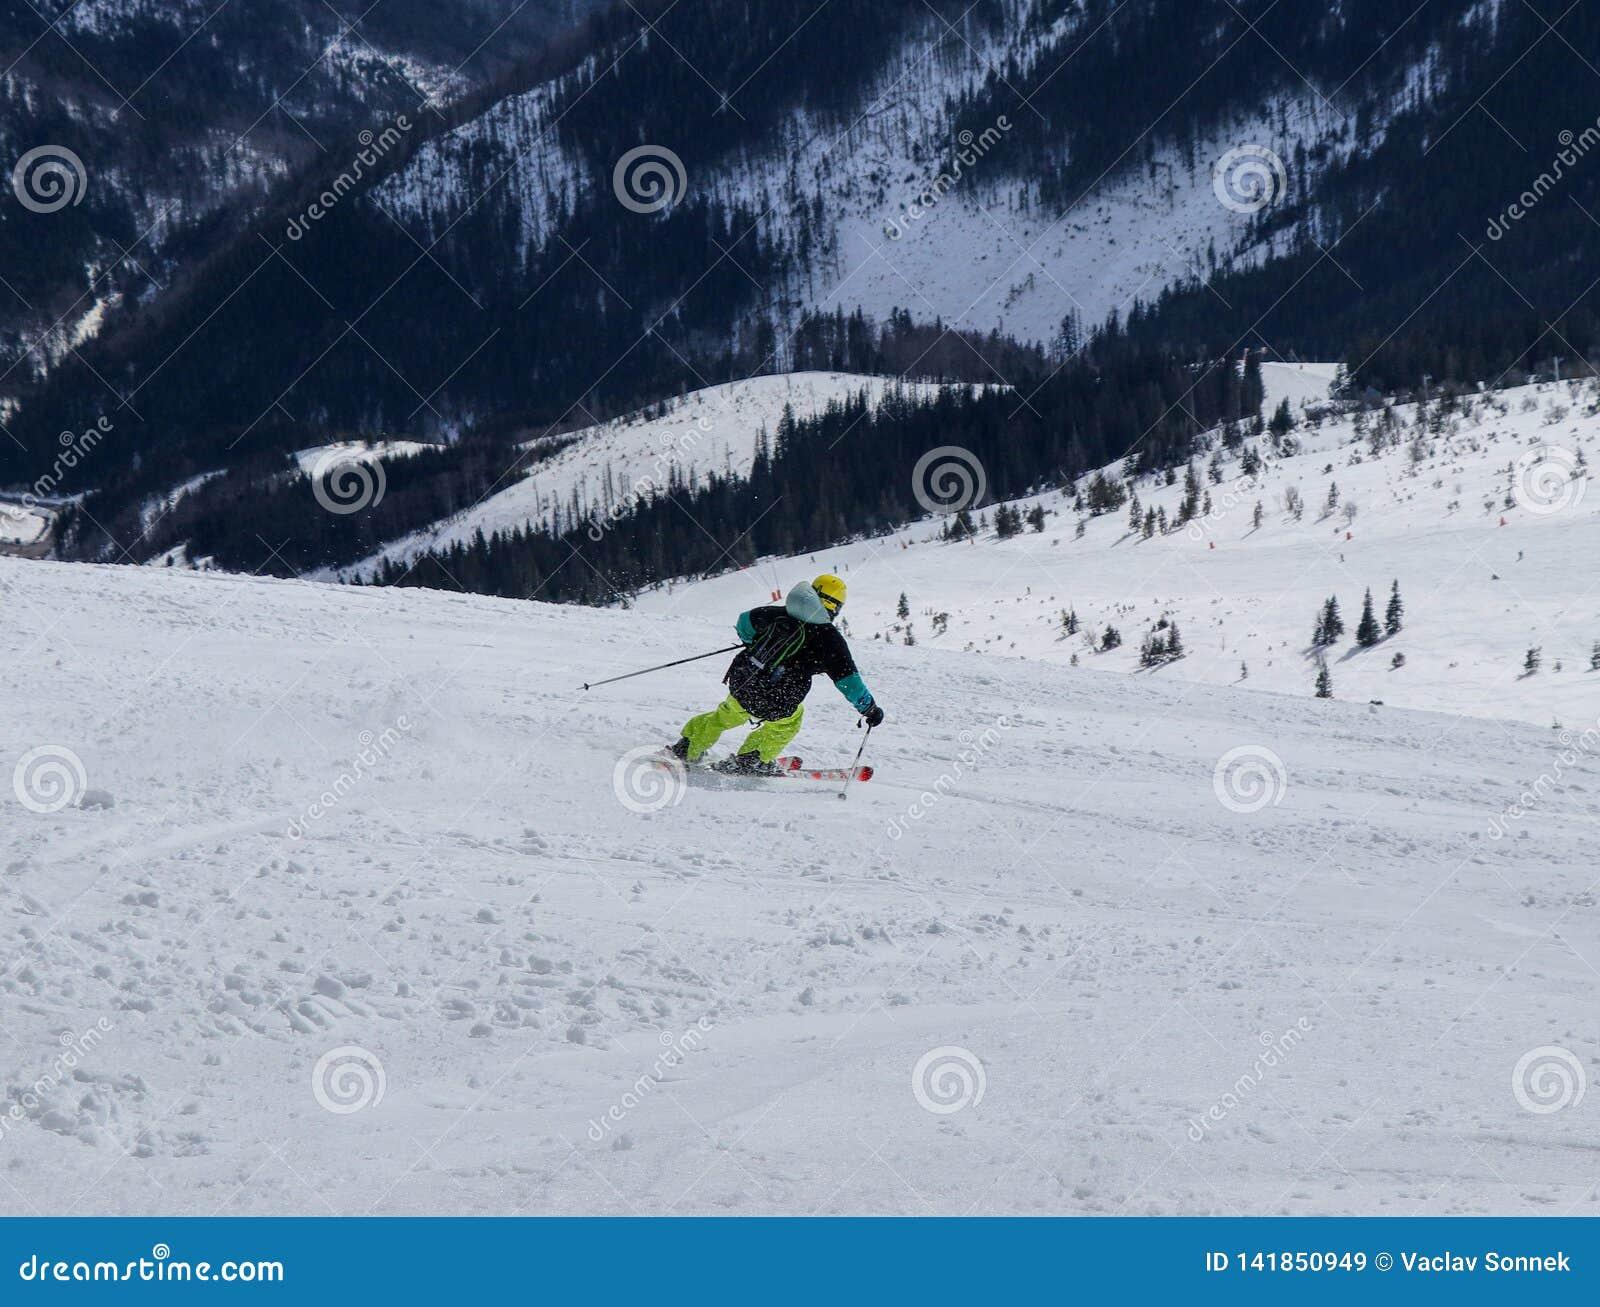 Mannelijke skiër die bergaf ski?en Jongen die neer op skis dalen Snijd positie Atleticcijfer Gele helm Zwarte rugzak gevaarlijk